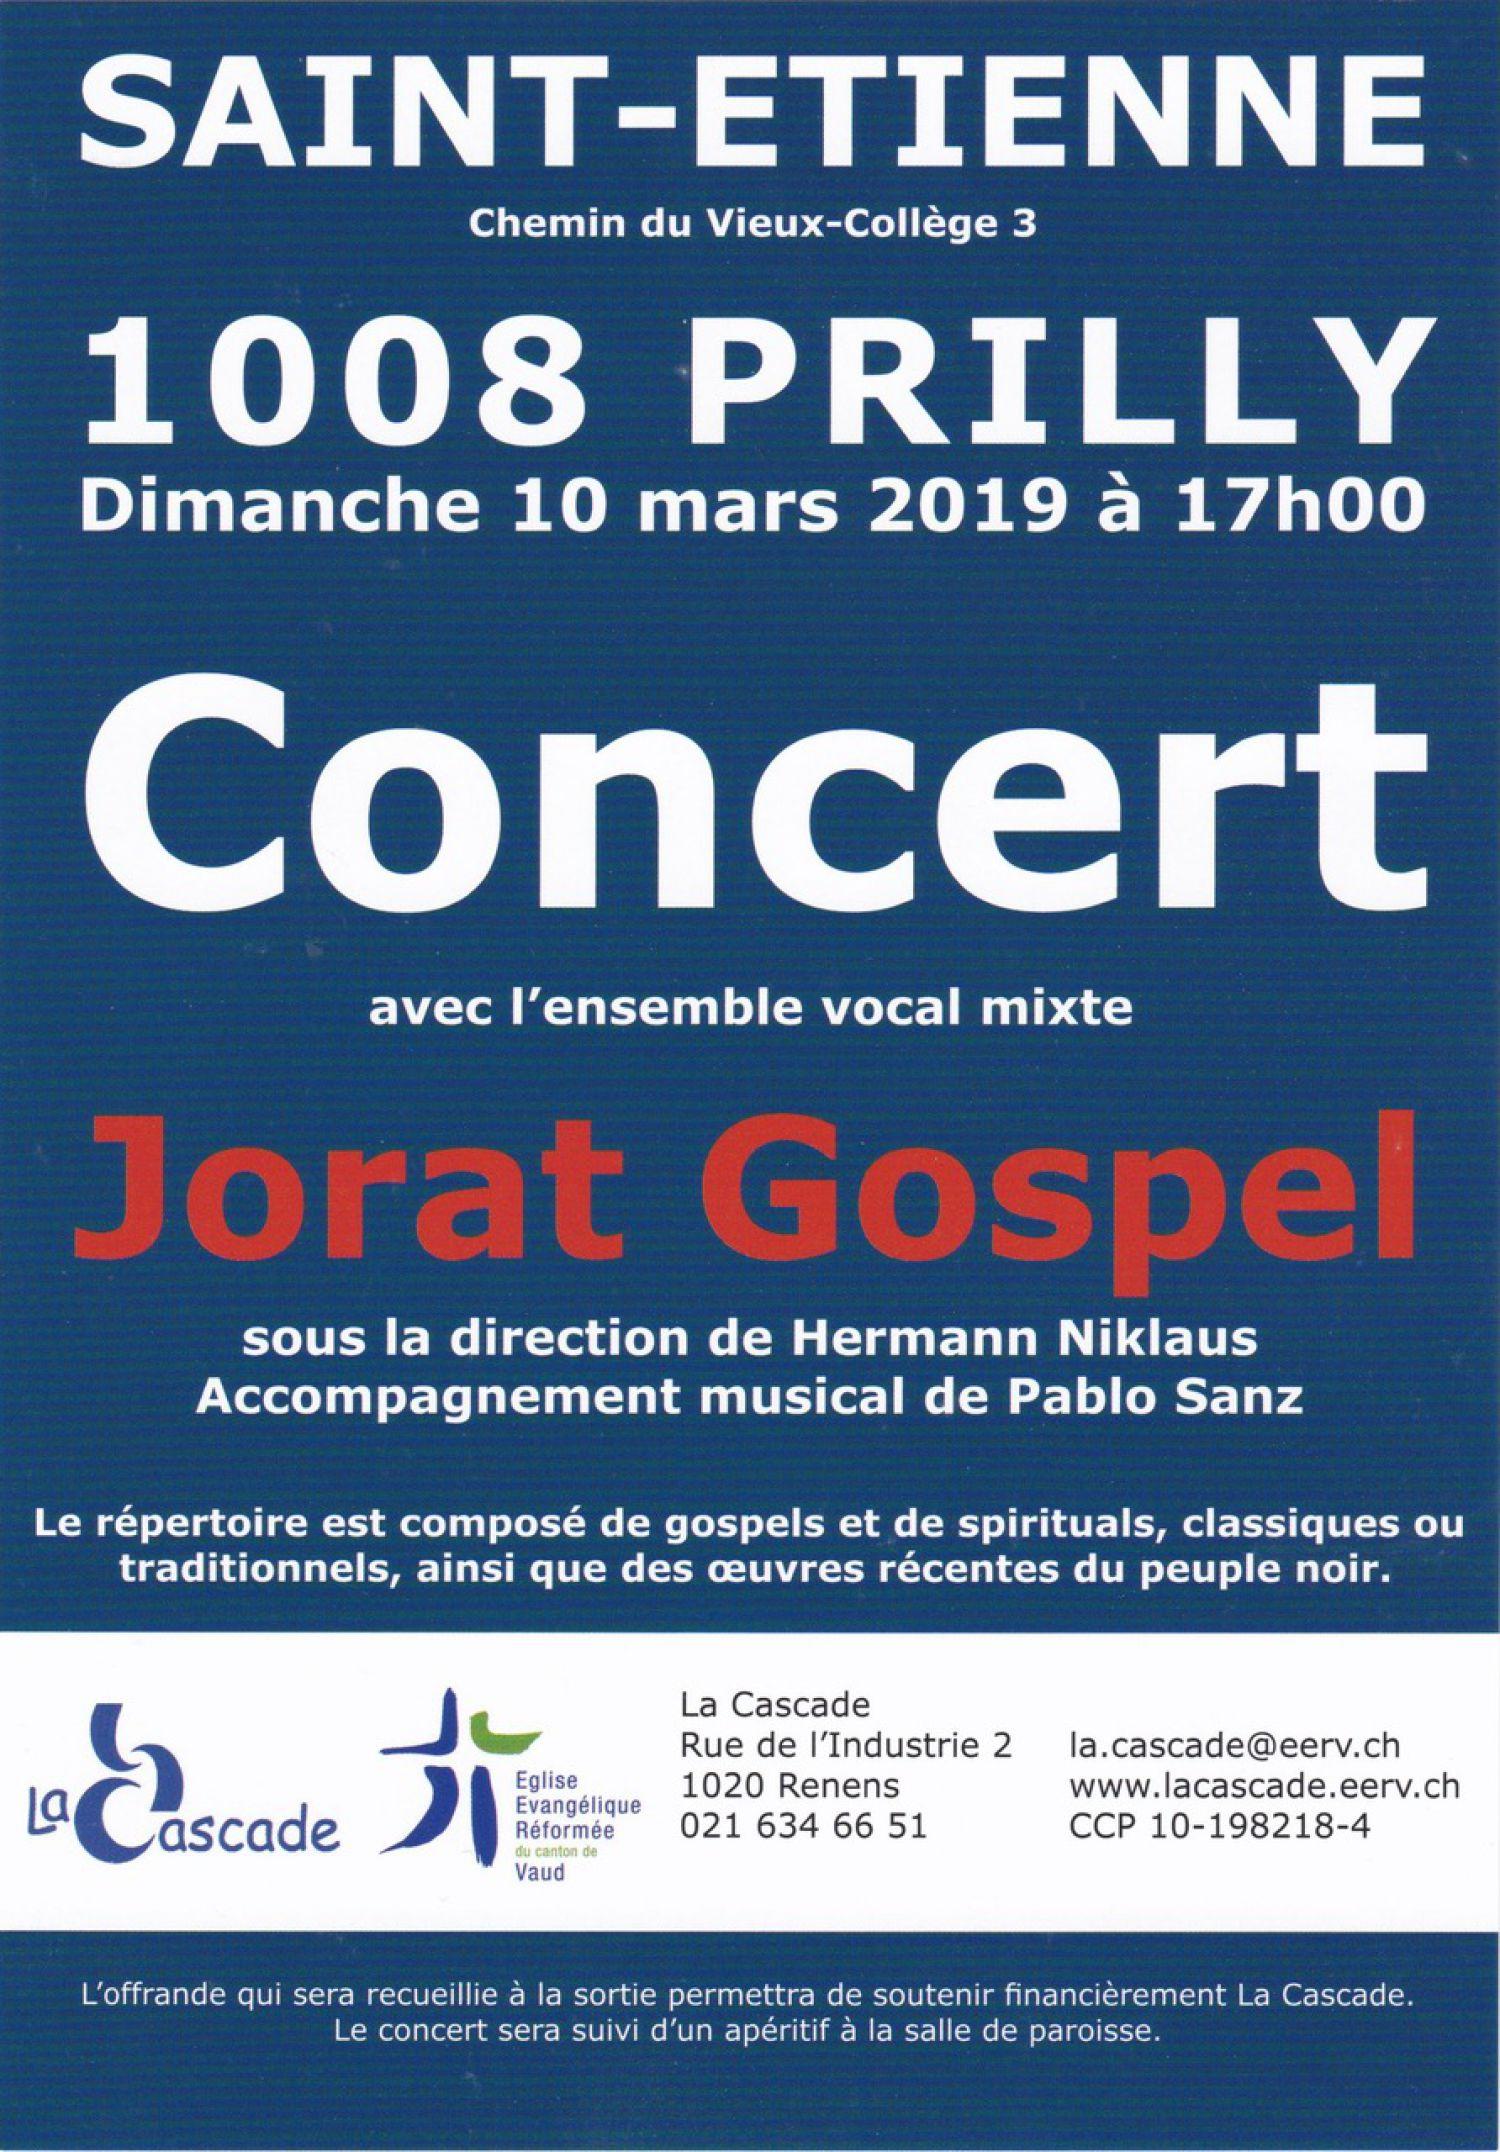 Concert de gospel en faveur de l'Association La Cascade